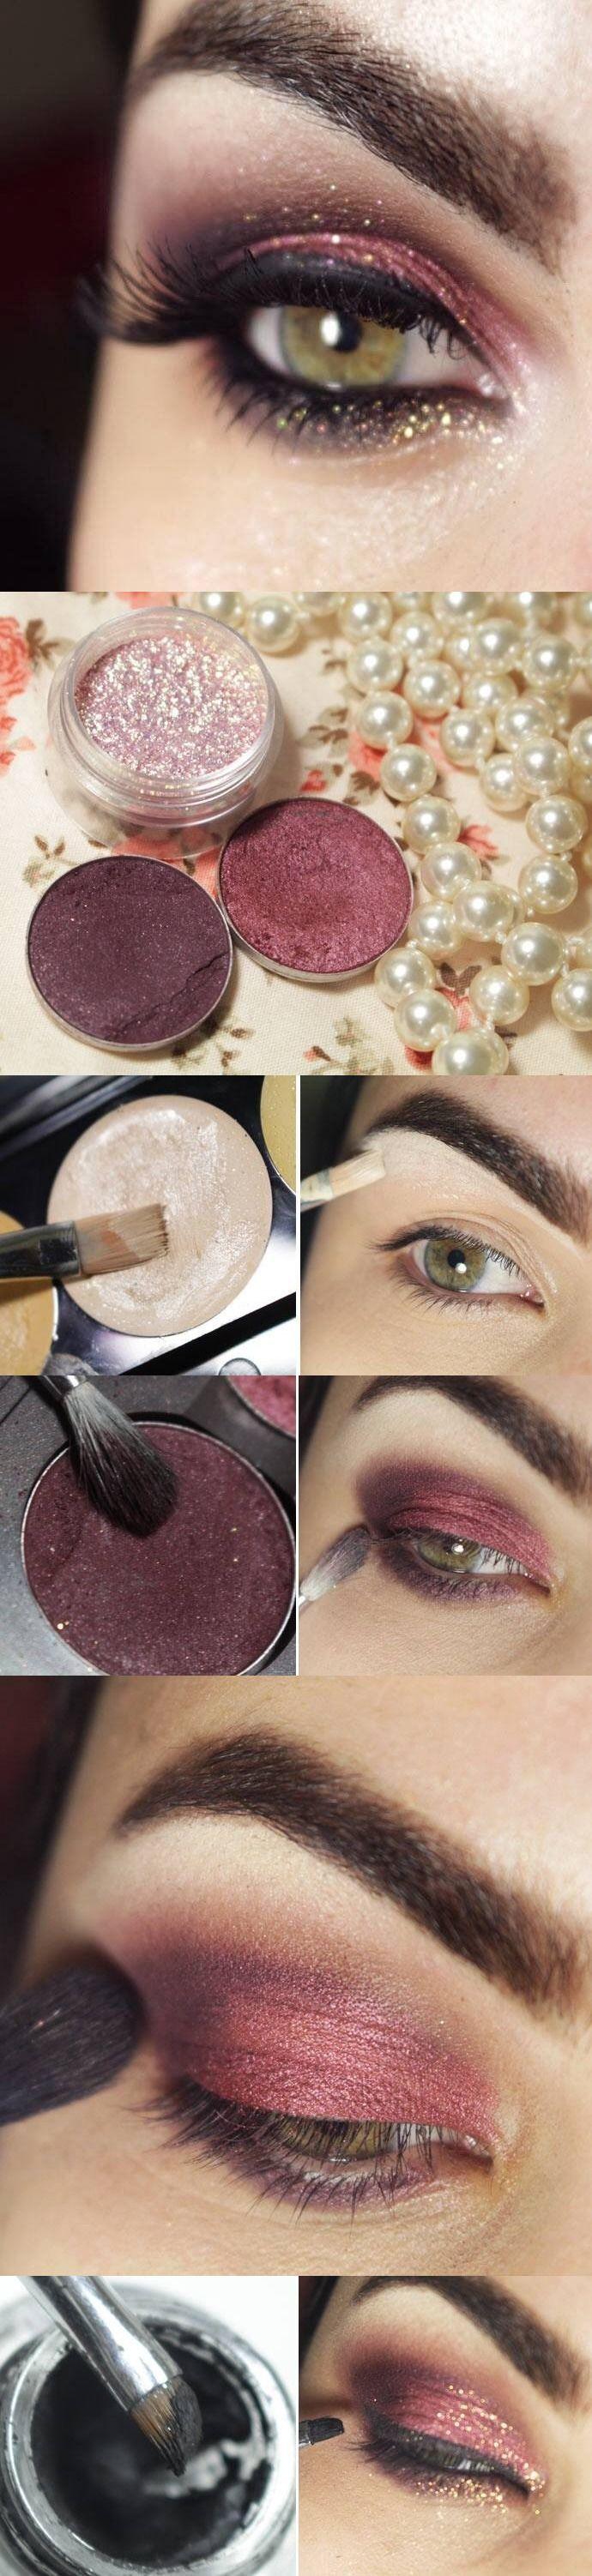 Coucou les beautés,  Vous voulez voir la vie en rose ? Portez du rose ! Voici quelques idées et tutoriels pour des maquillages canons à base de rose ! -